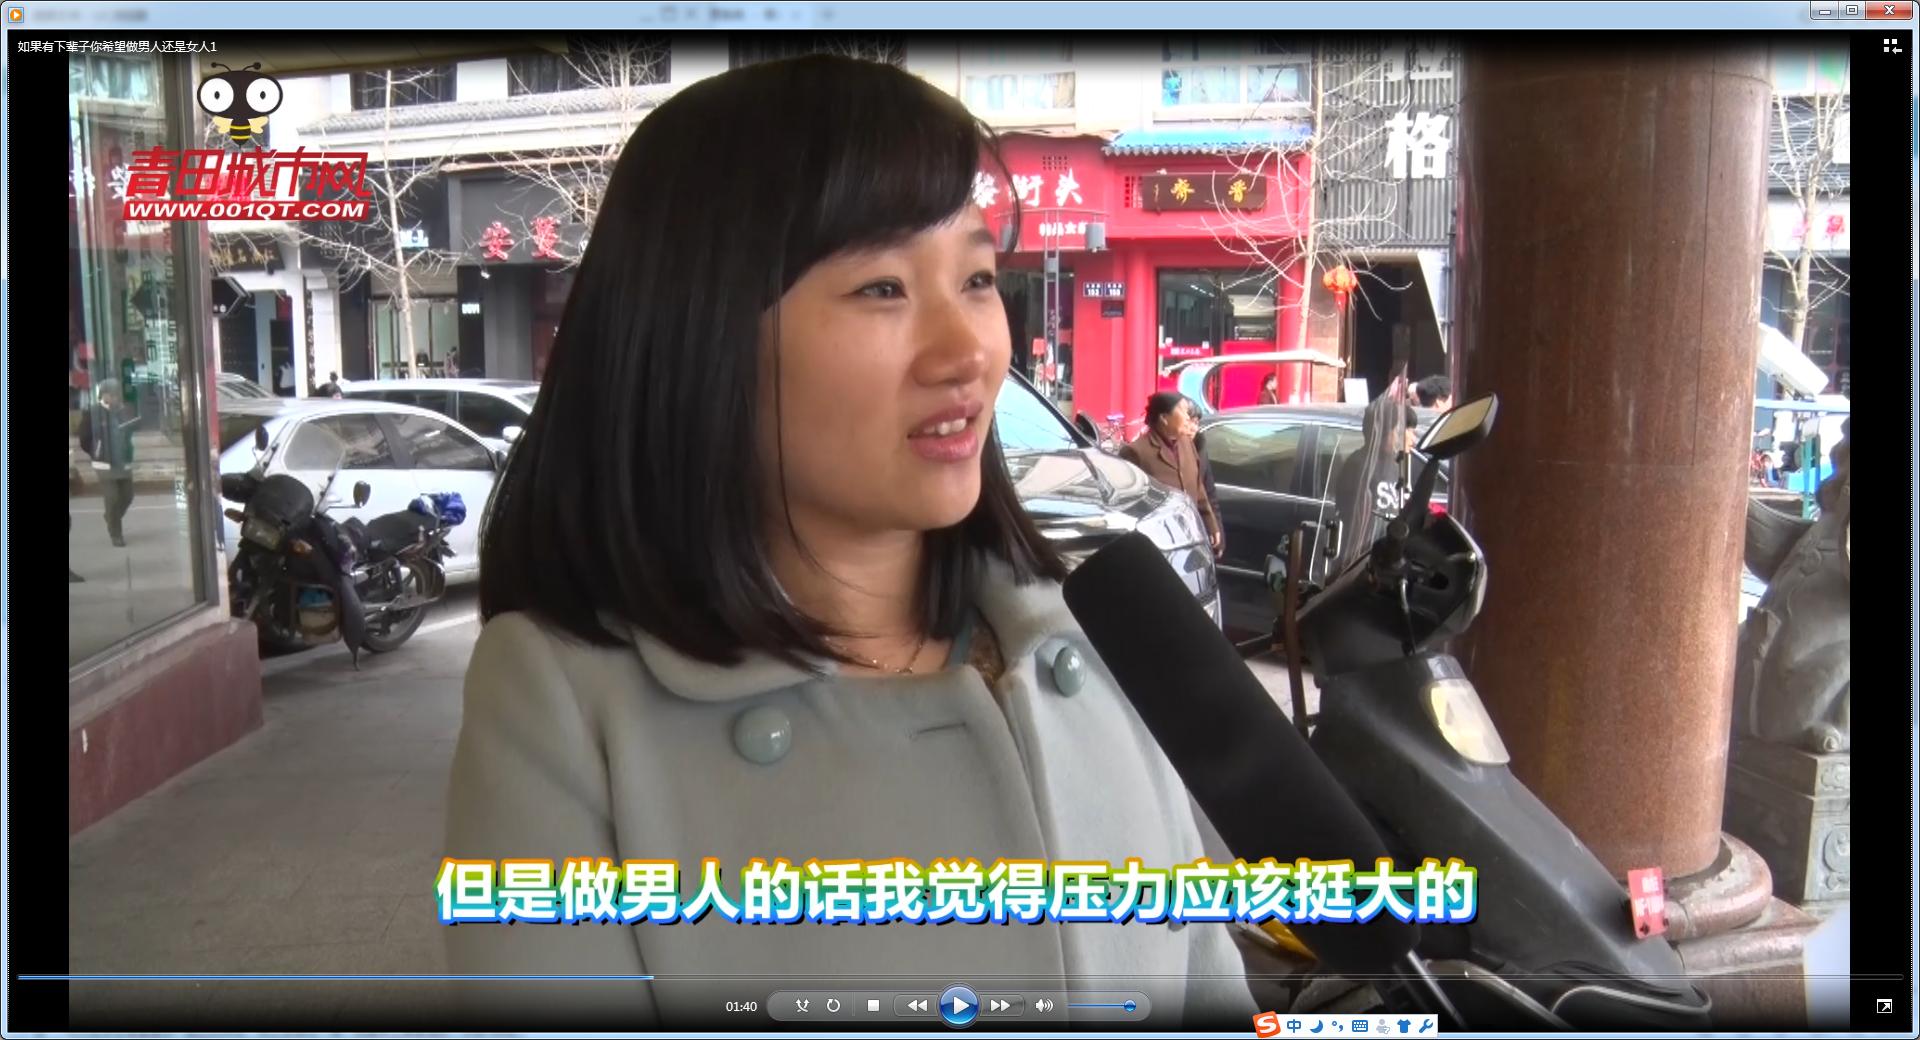 【街头采访】如果有下辈子你希望做男人还是女人